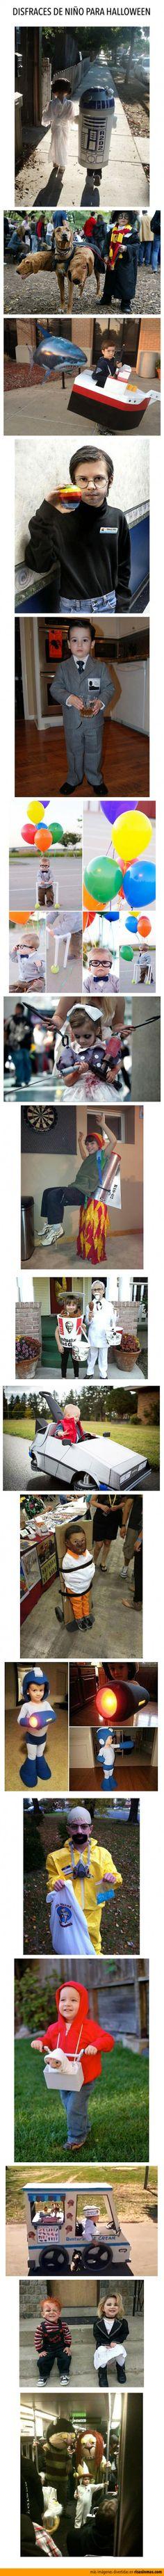 Ideas de disfraces de Halloween para niños.